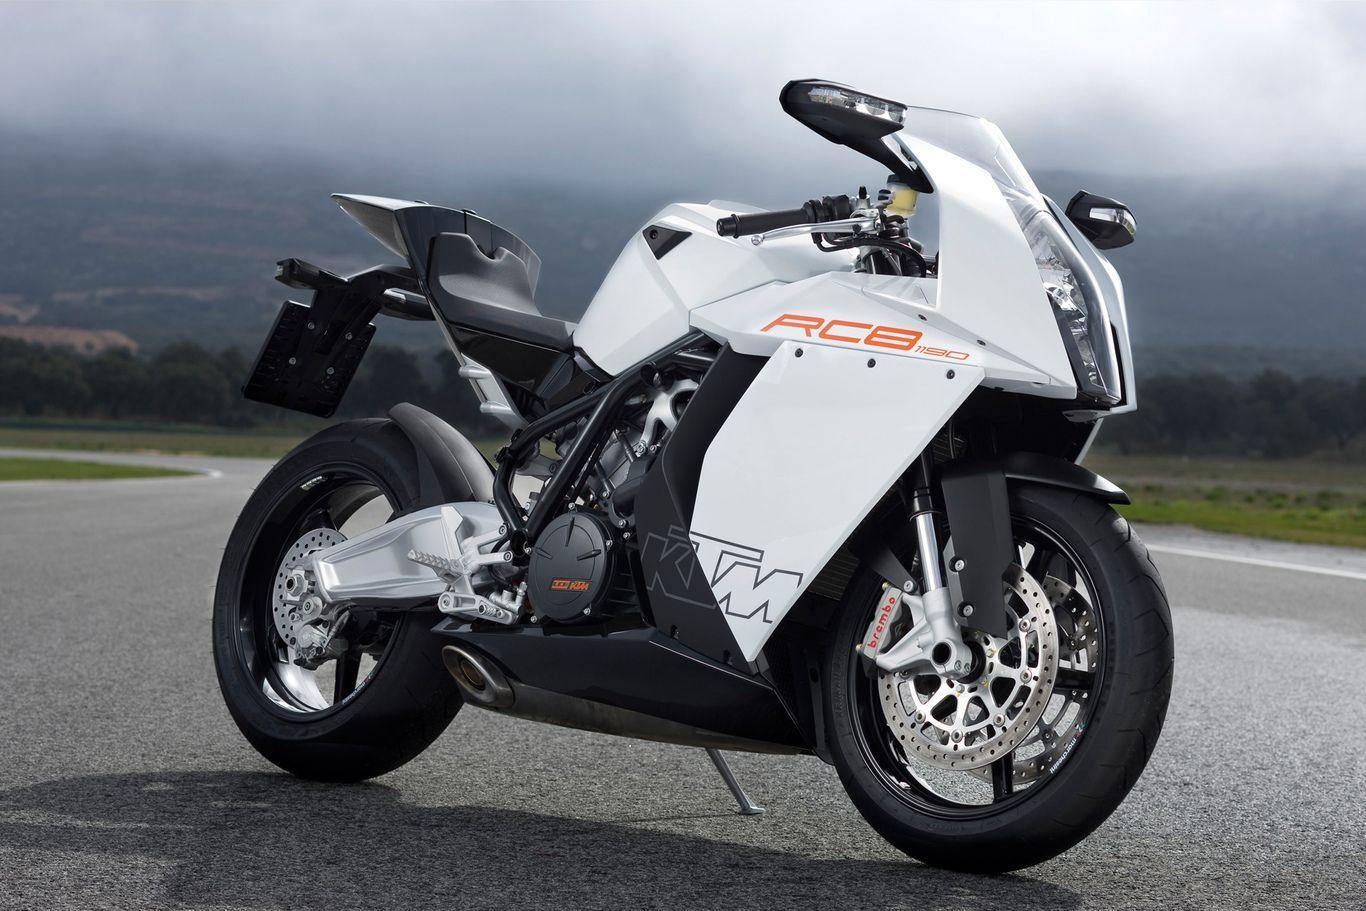 Sportbike Wallpaper Hd: Top Free Sportbike Backgrounds